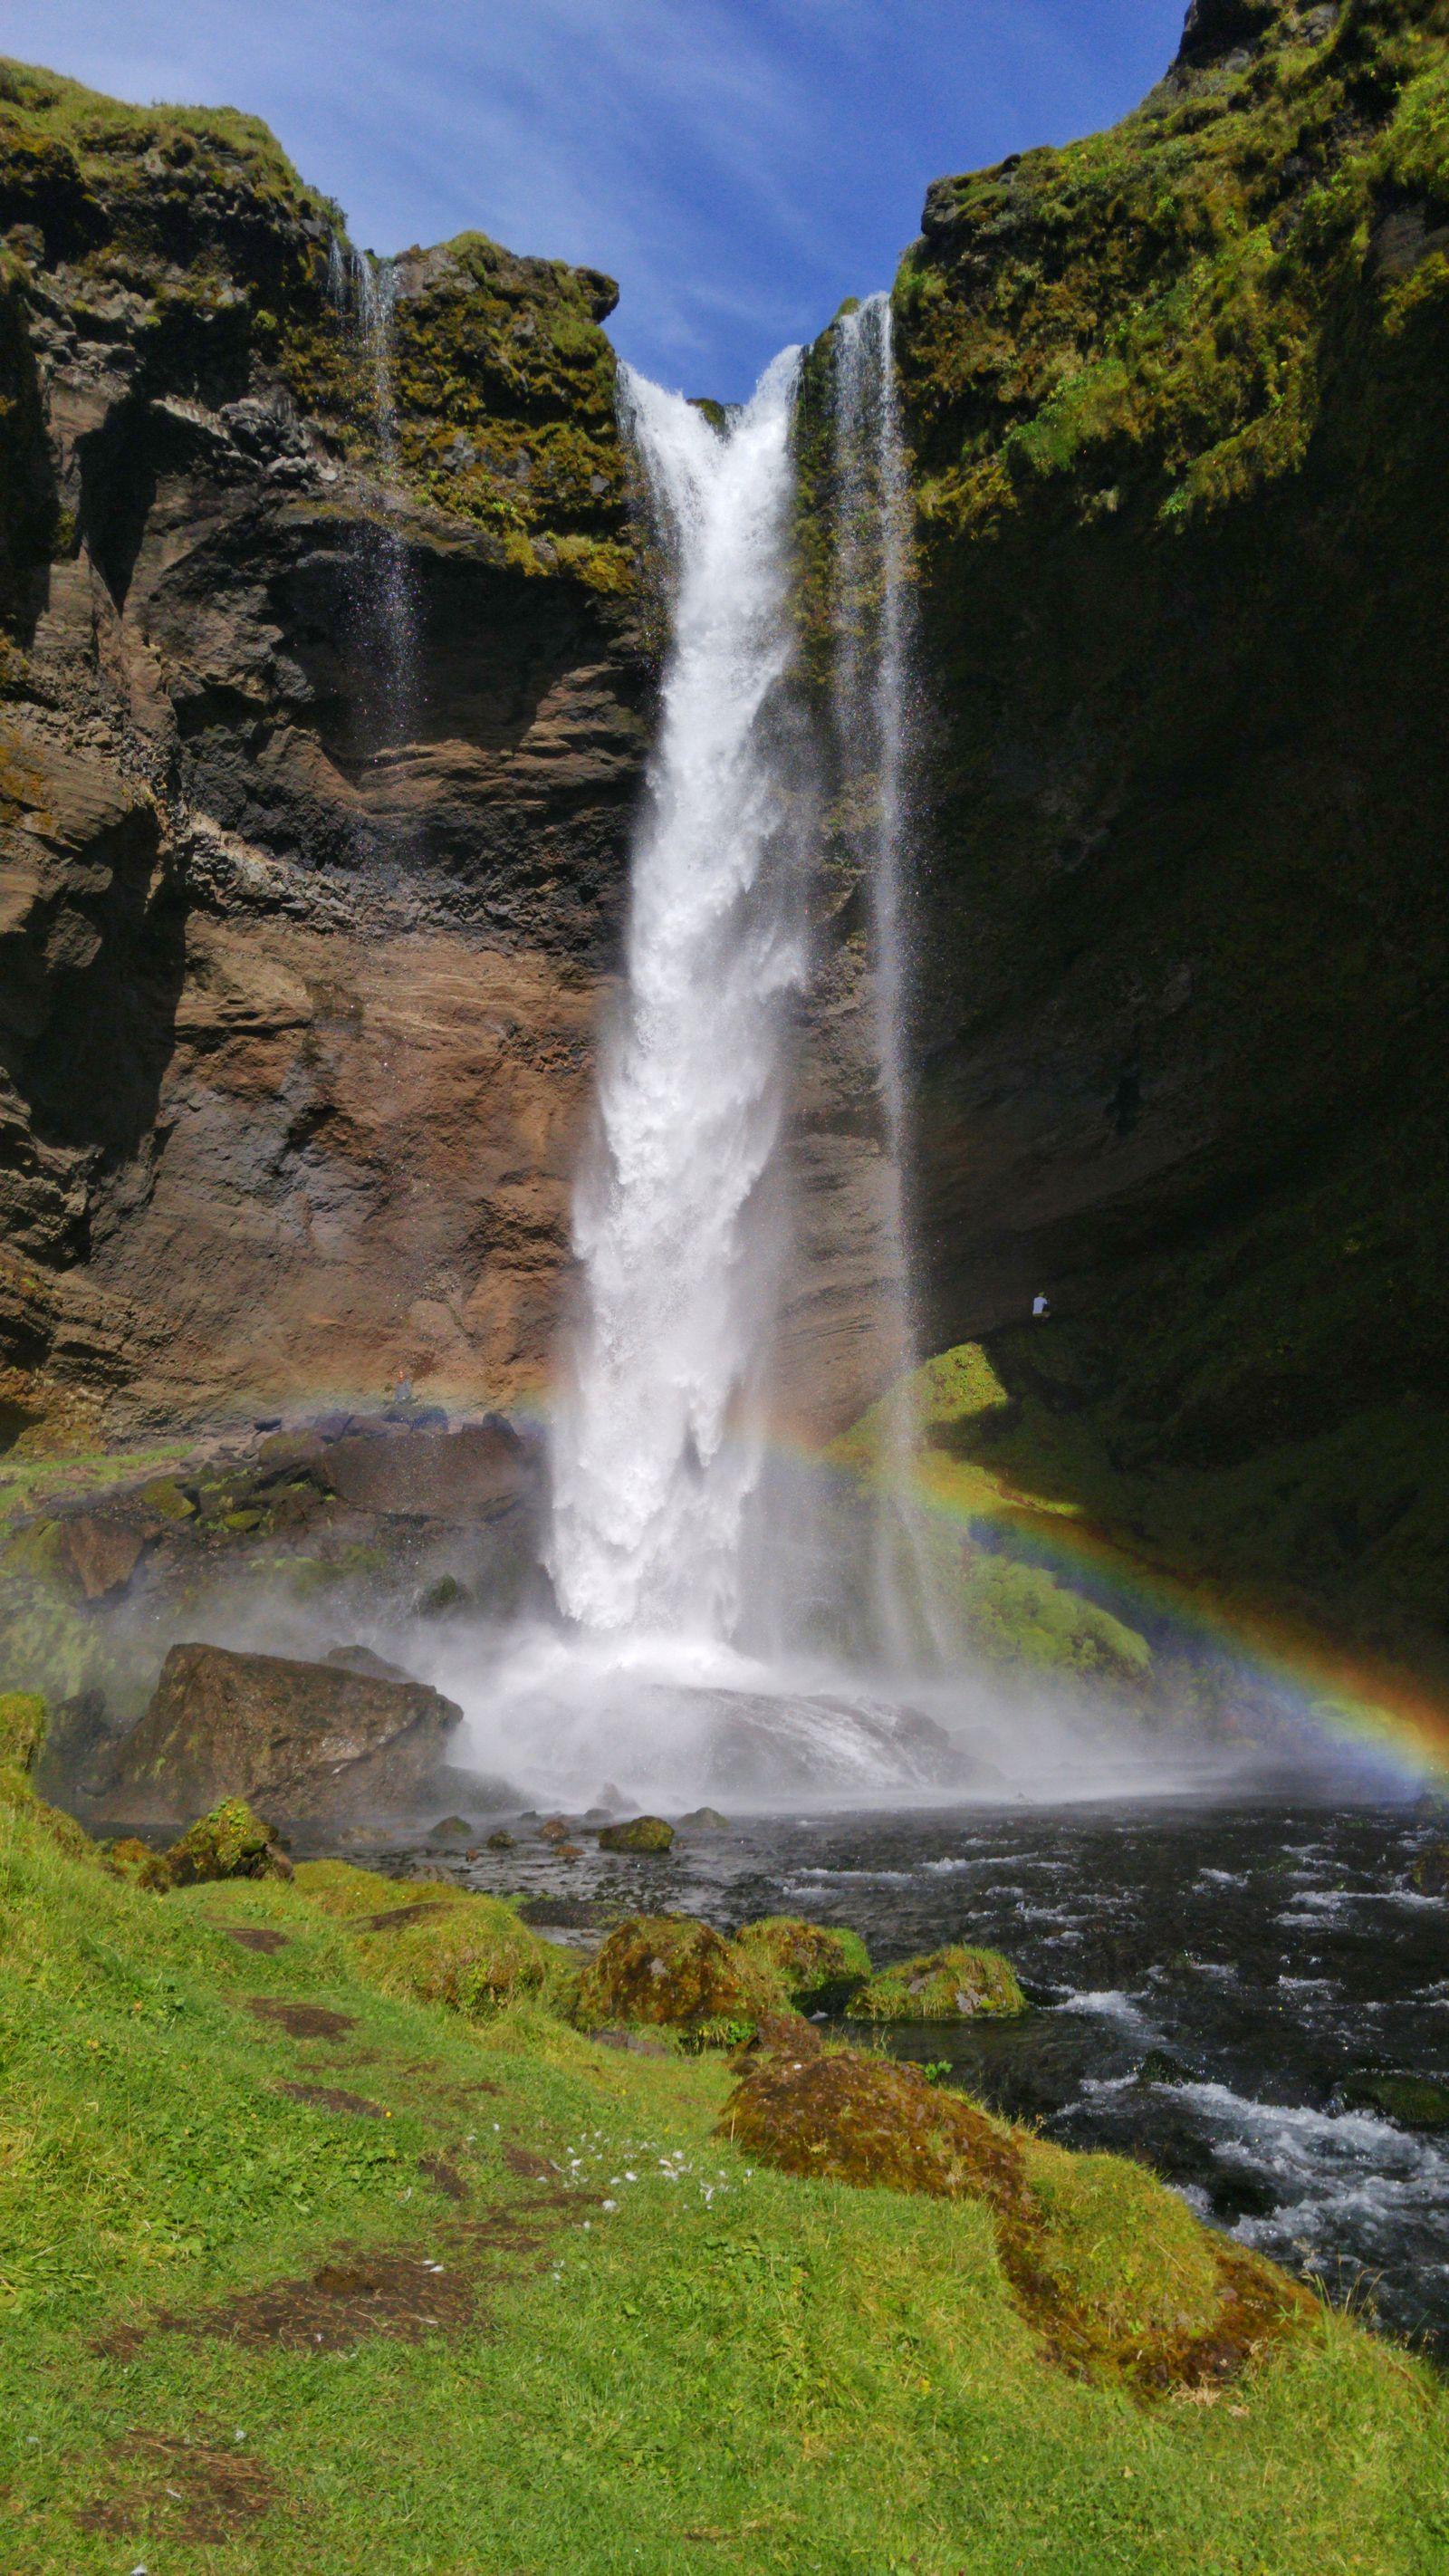 Y otro arco iris de regalo